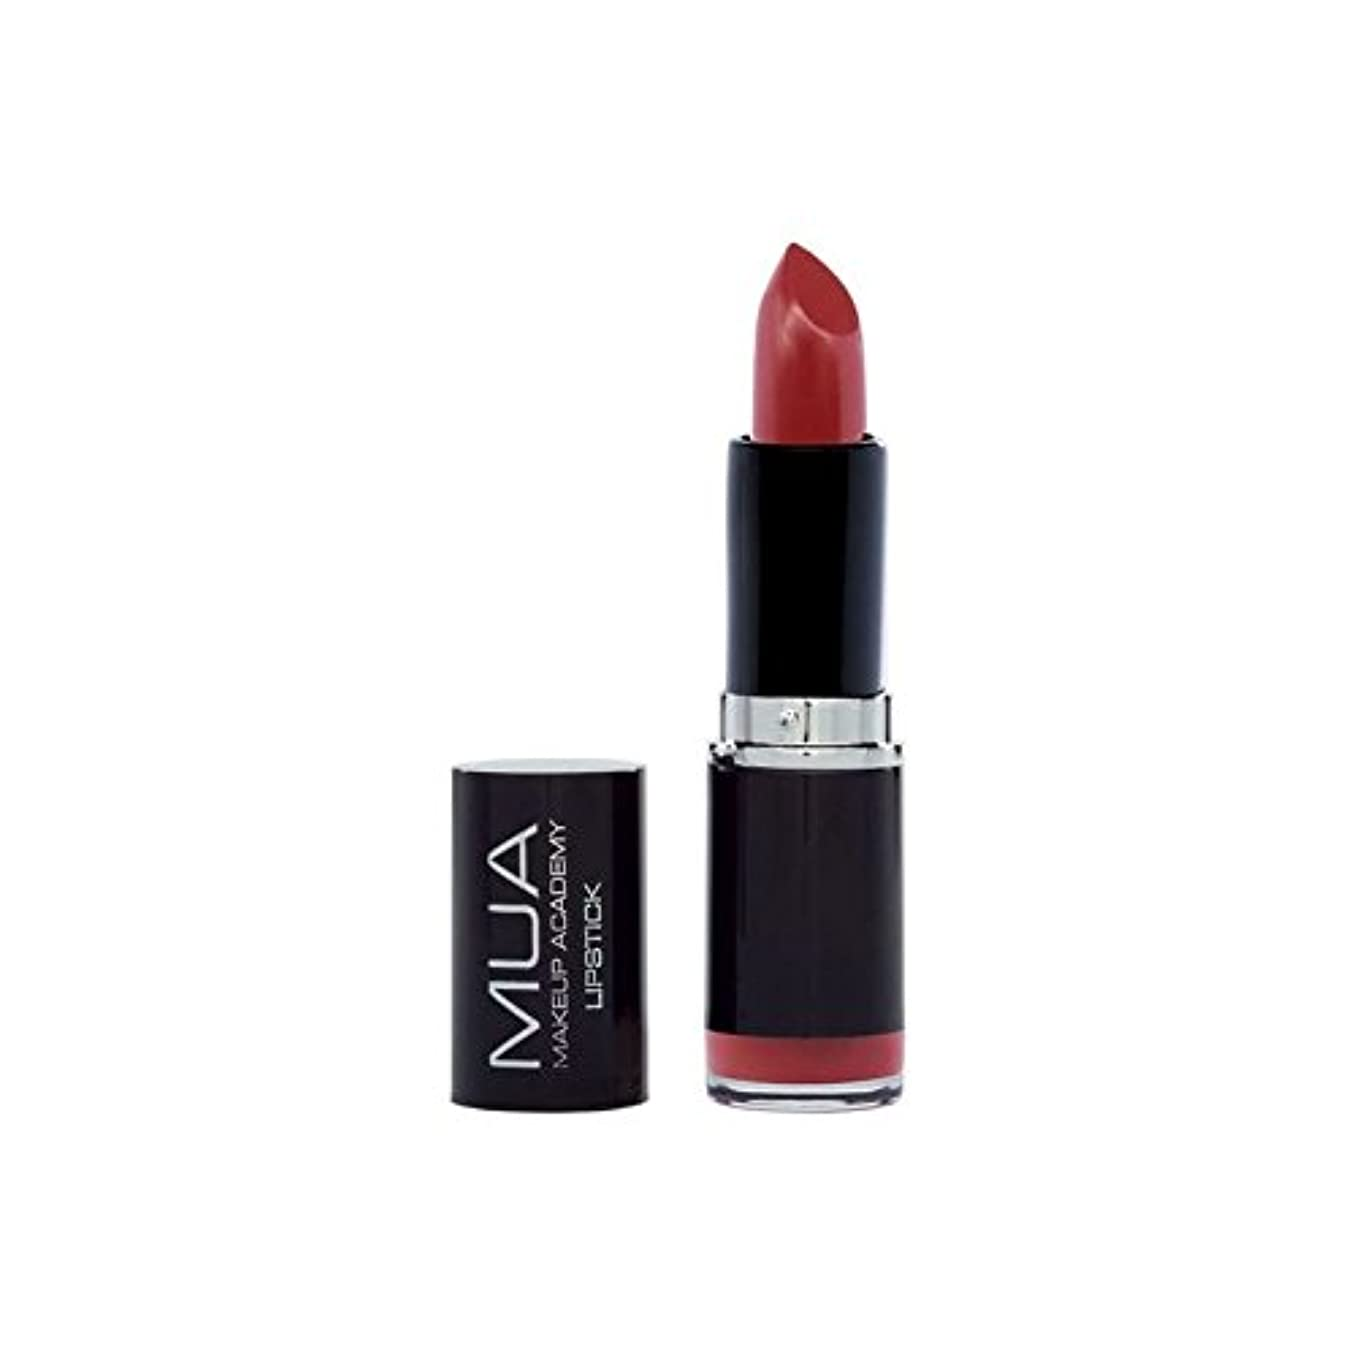 店主暖炉気怠いの口紅 - ヴィンテージルージュ x2 - MUA Lipstick - Vintage Rouge (Pack of 2) [並行輸入品]